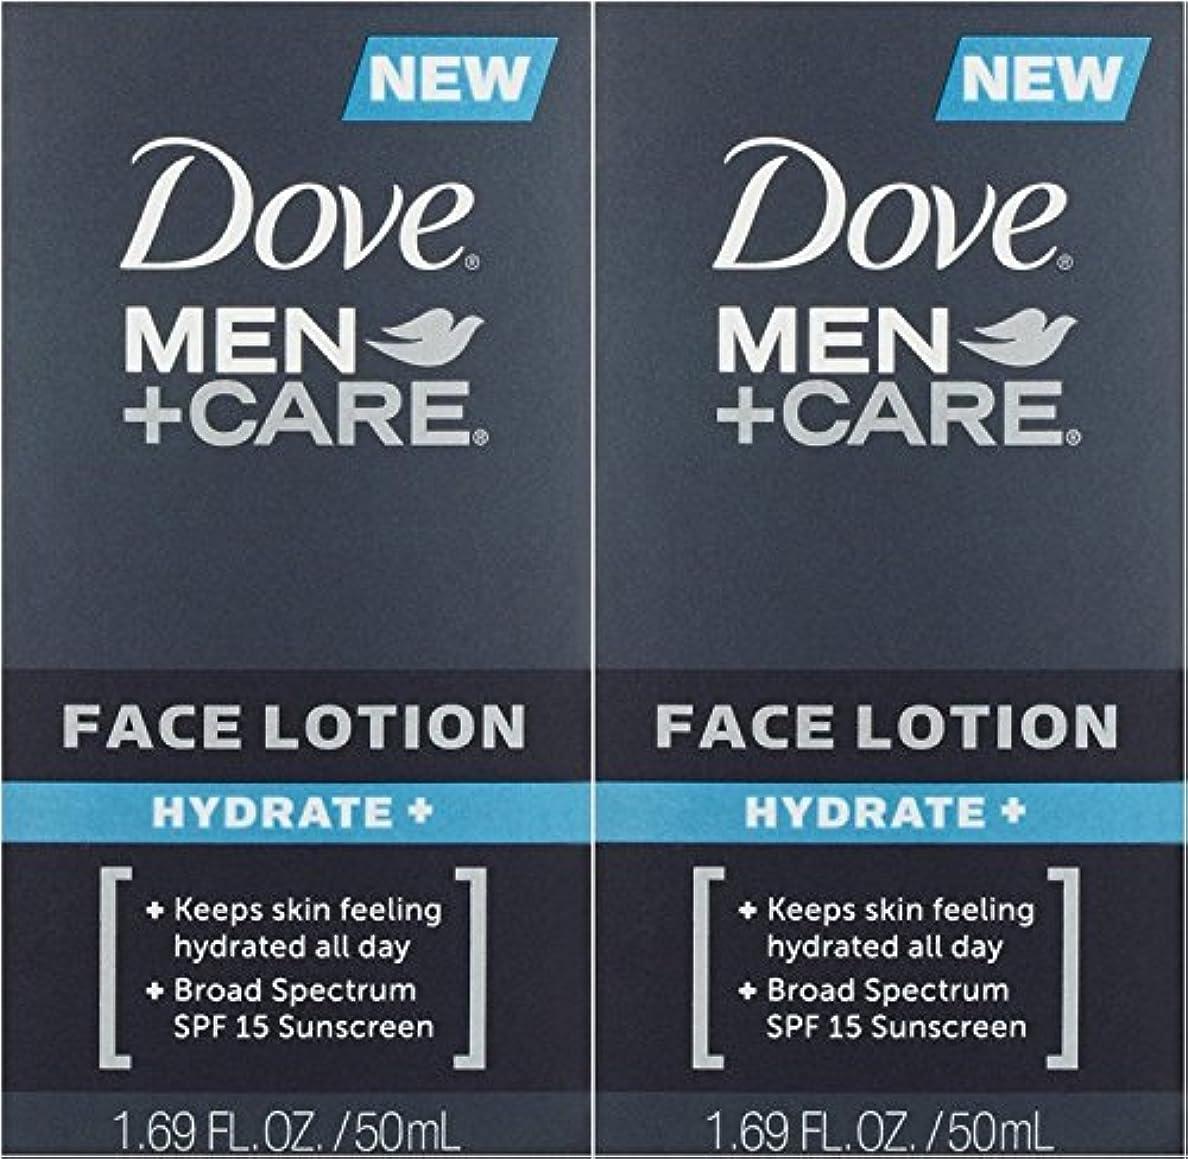 みなす気味の悪い権限を与える【アメリカ発送】 Dove Men+Care Face Lotion, Hydrate+ 1.69 oz ダブ 男性用 フェイスローション 潤い SPF 15 50ml